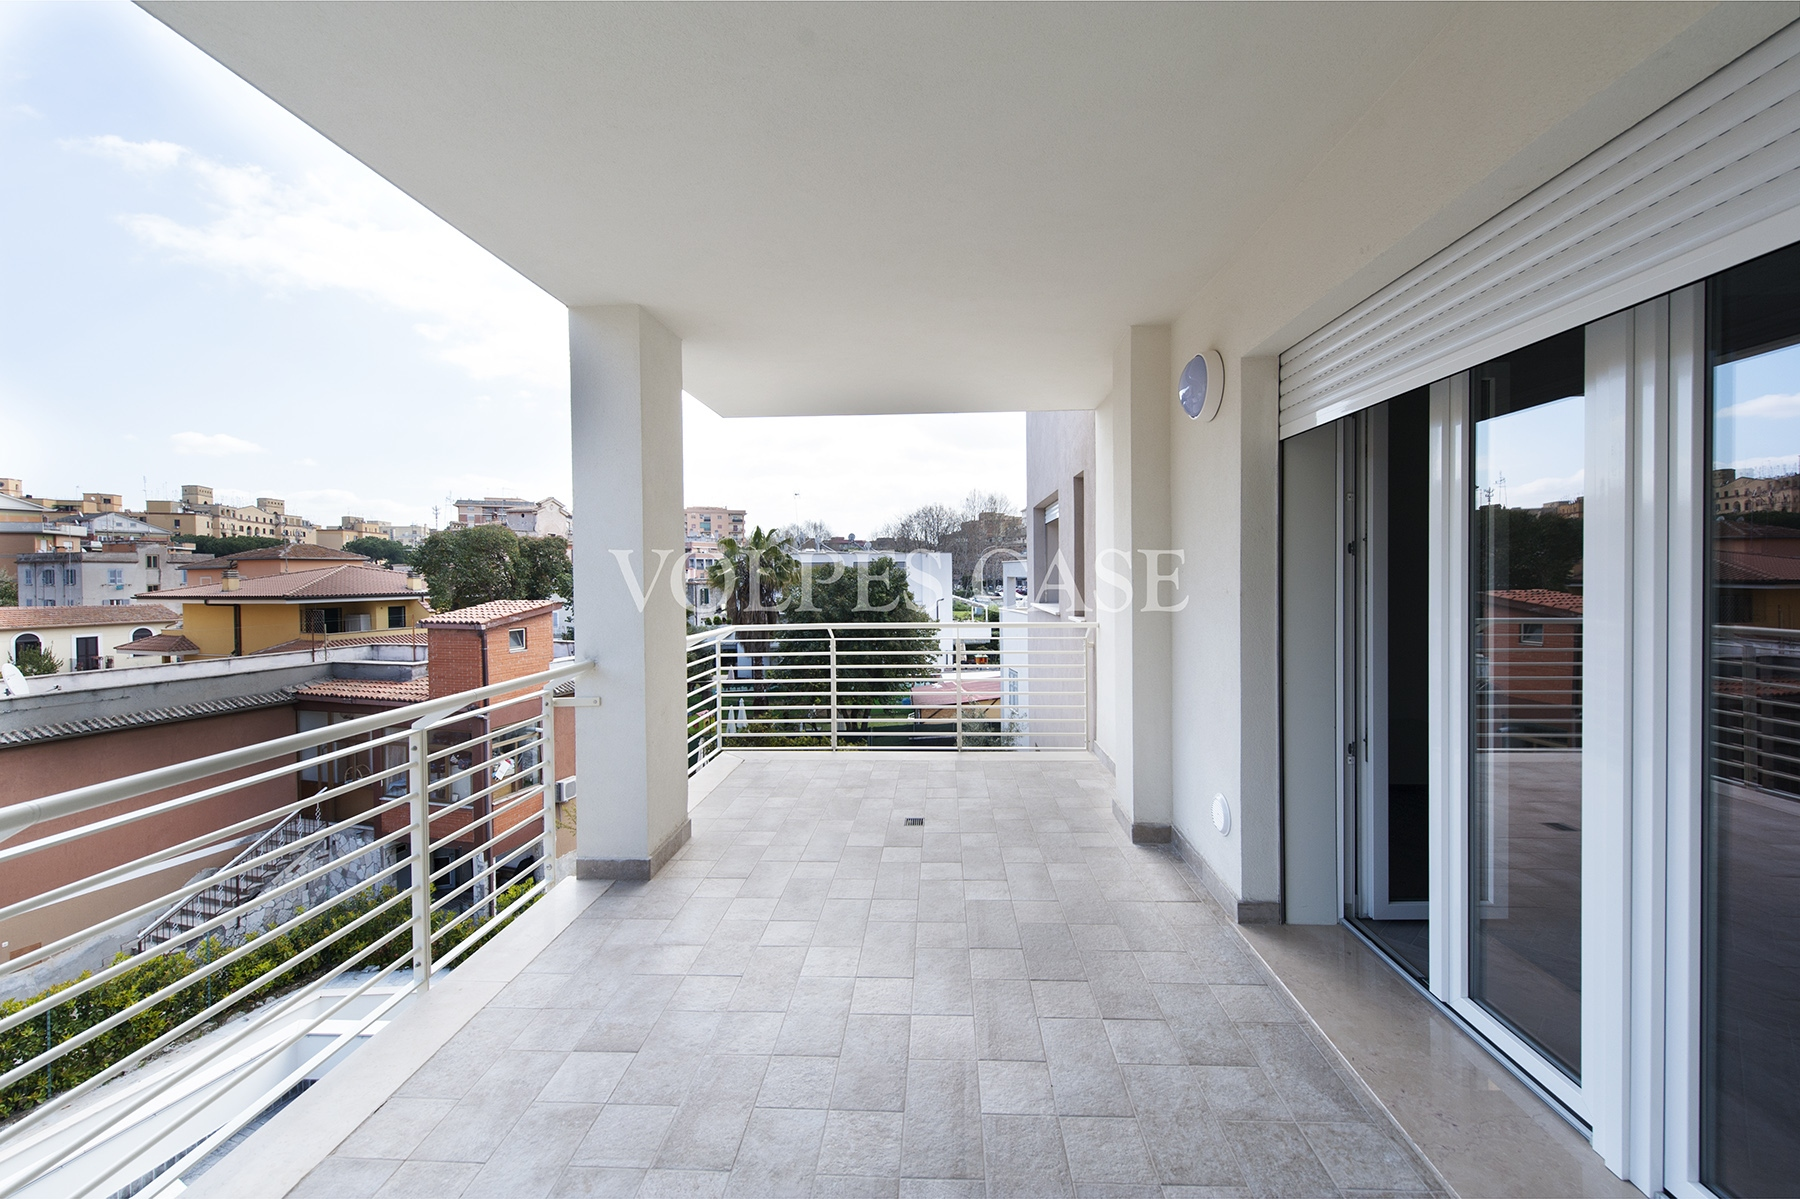 Appartamento in affitto a roma cod v45 3475 for Roma affitto prati